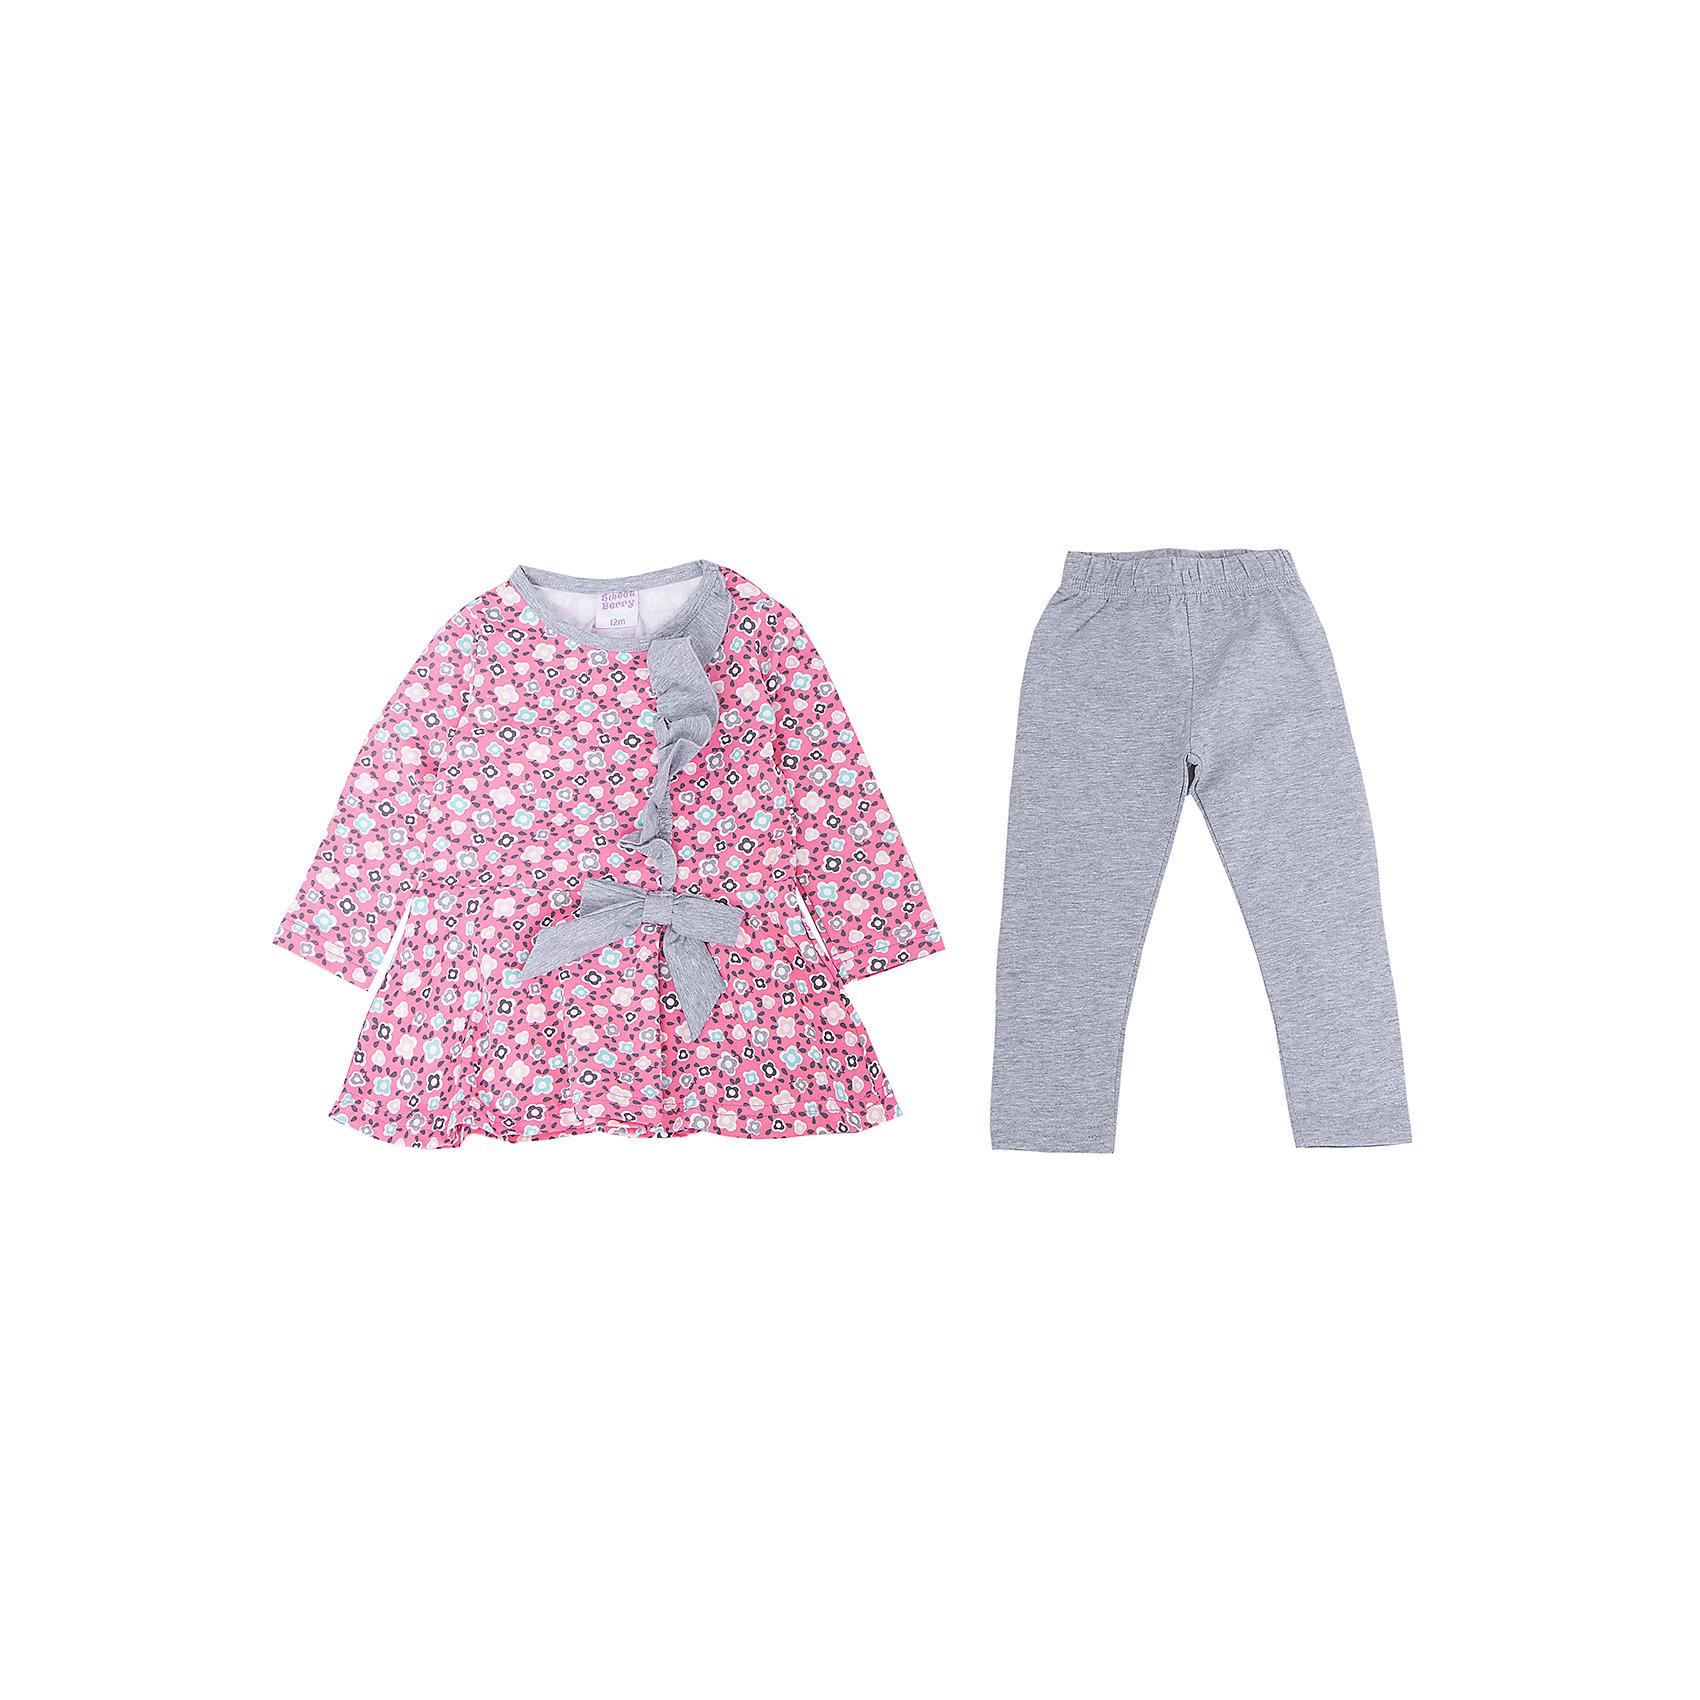 Комплект для девочки: платье и леггинсы Sweet BerryТакое платье с леггинсами отличается модным дизайном с ярким принтом. Удачный крой обеспечит ребенку комфорт и тепло. Плотный материал делает вещи идеальными для прохладной погоды. Они хорошо прилегают к телу там, где нужно, и отлично сидят по фигуре. Натуральный хлопок в составе ткани обеспечит коже возможность дышать и не вызовет аллергии.<br>Одежда от бренда Sweet Berry - это простой и выгодный способ одеть ребенка удобно и стильно. Всё изделия тщательно проработаны: швы - прочные, материал - качественный, фурнитура - подобранная специально для детей.<br><br>Дополнительная информация:<br><br>цвет: розовый;<br>материал: 95% хлопок, 5% эластан;<br>платье декорировано принтом и воланом.<br><br>Комплект для девочки: платье и леггинсы от бренда Sweet Berry можно купить в нашем интернет-магазине.<br><br>Ширина мм: 236<br>Глубина мм: 16<br>Высота мм: 184<br>Вес г: 177<br>Цвет: розовый<br>Возраст от месяцев: 12<br>Возраст до месяцев: 15<br>Пол: Женский<br>Возраст: Детский<br>Размер: 80,86,92,98<br>SKU: 4931193